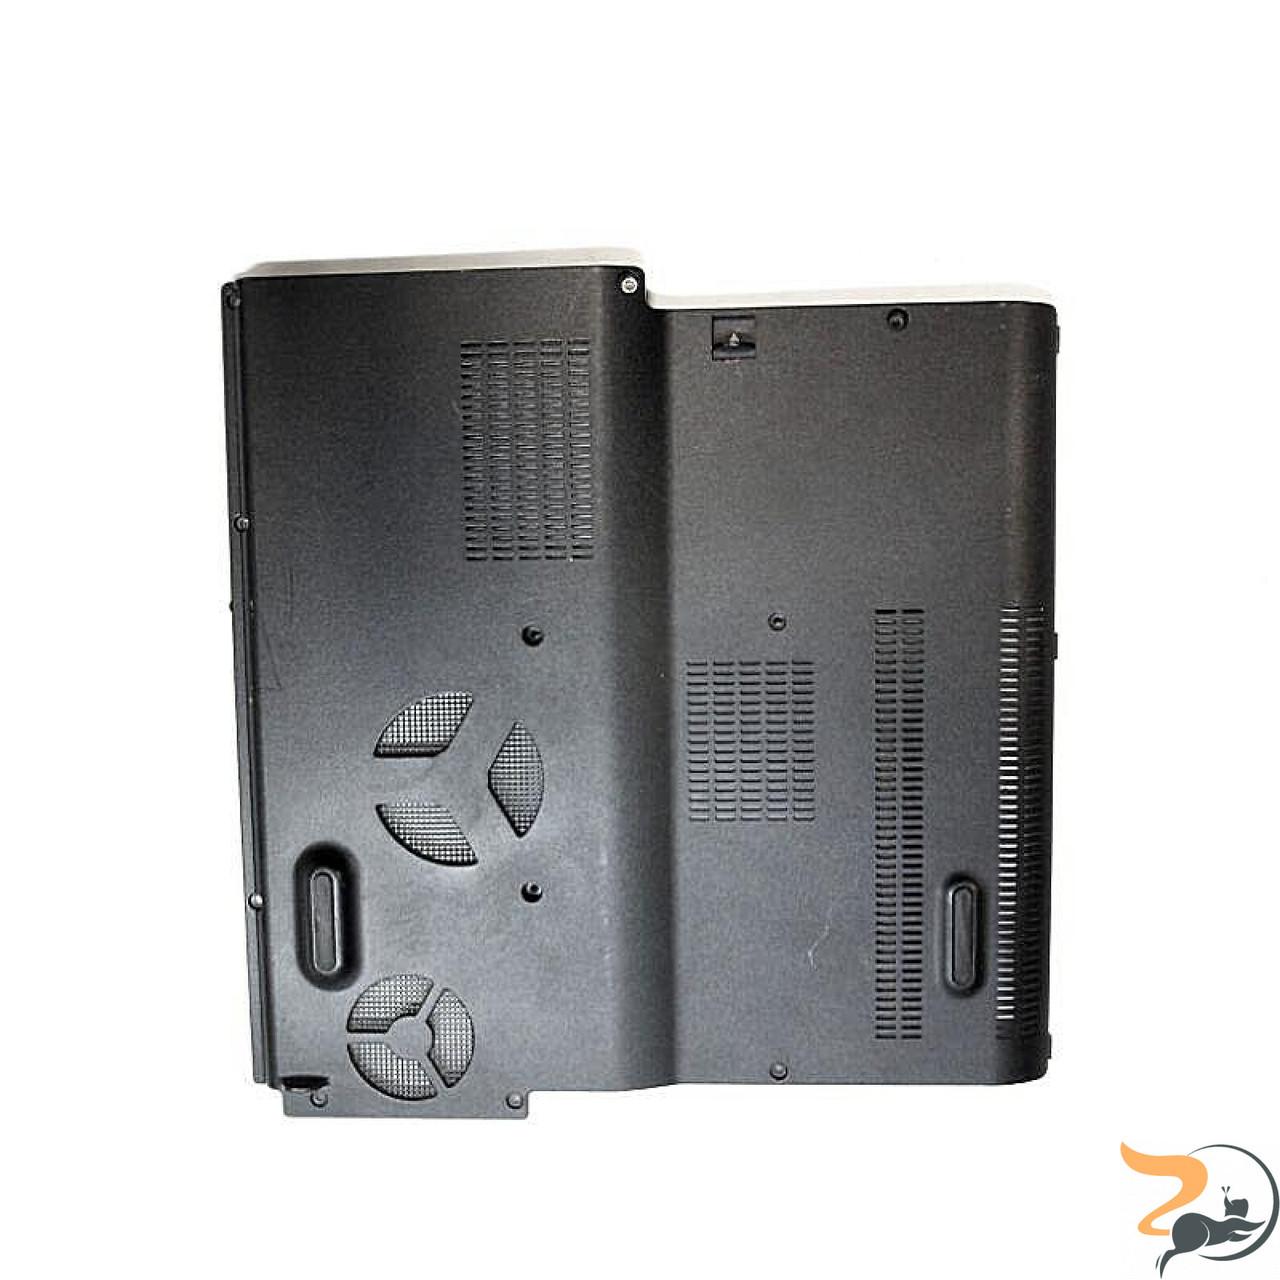 Сервісна кришка для ноутбука CLEVO M57R3, 6-42-M57R3-05X, Б/В.